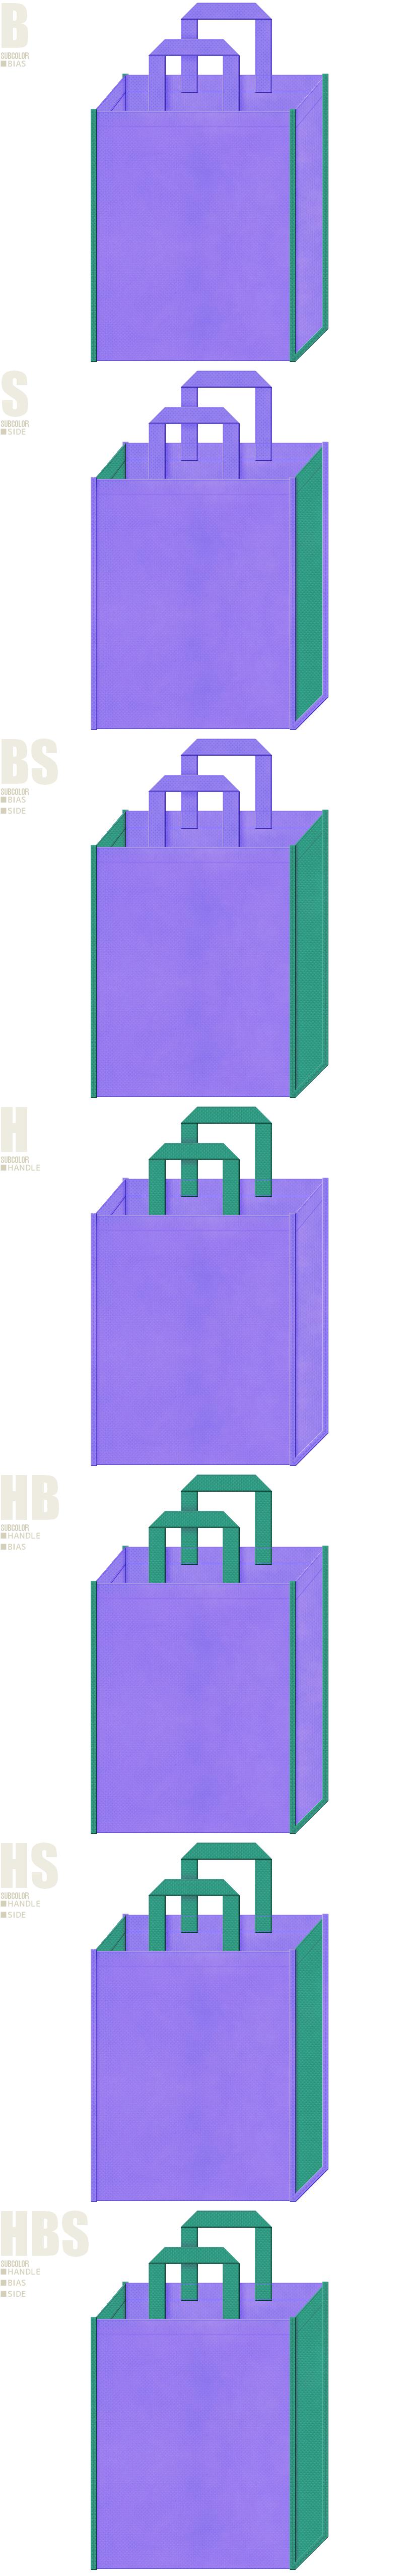 明るめの紫色と青緑色、7パターンの不織布トートバッグ配色デザイン例。